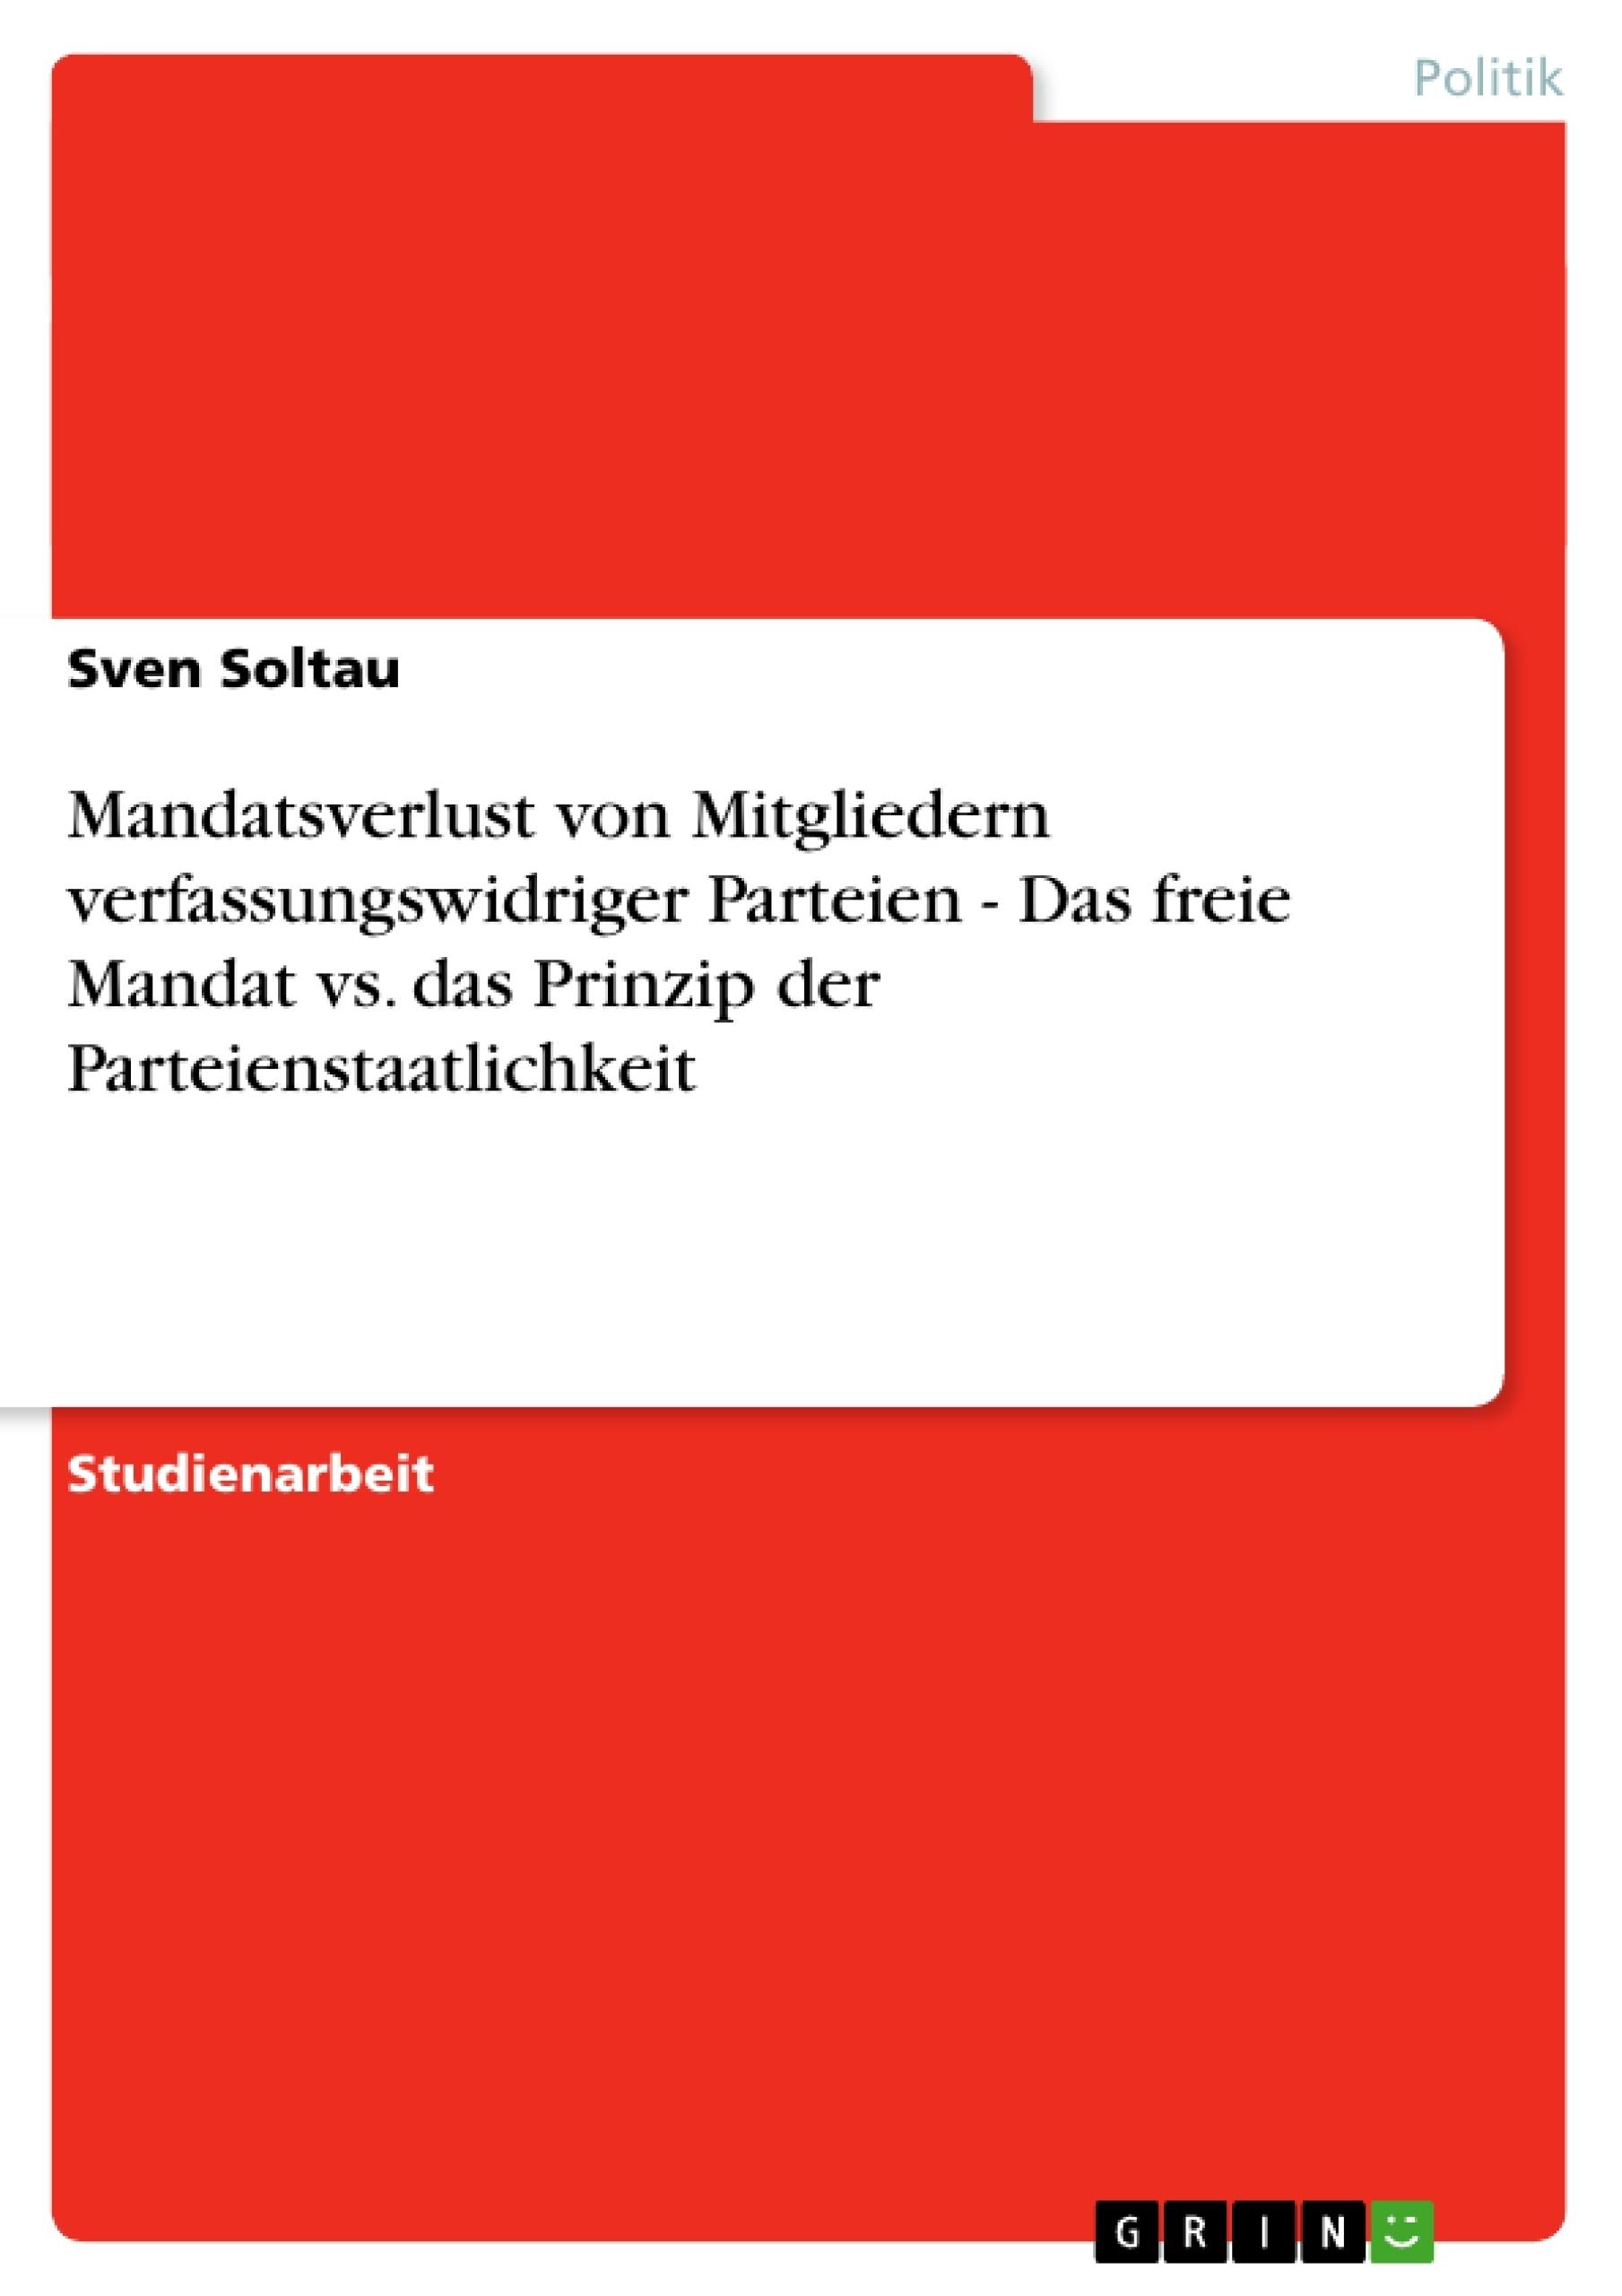 Titel: Mandatsverlust von Mitgliedern verfassungswidriger Parteien - Das freie Mandat vs. das Prinzip der Parteienstaatlichkeit